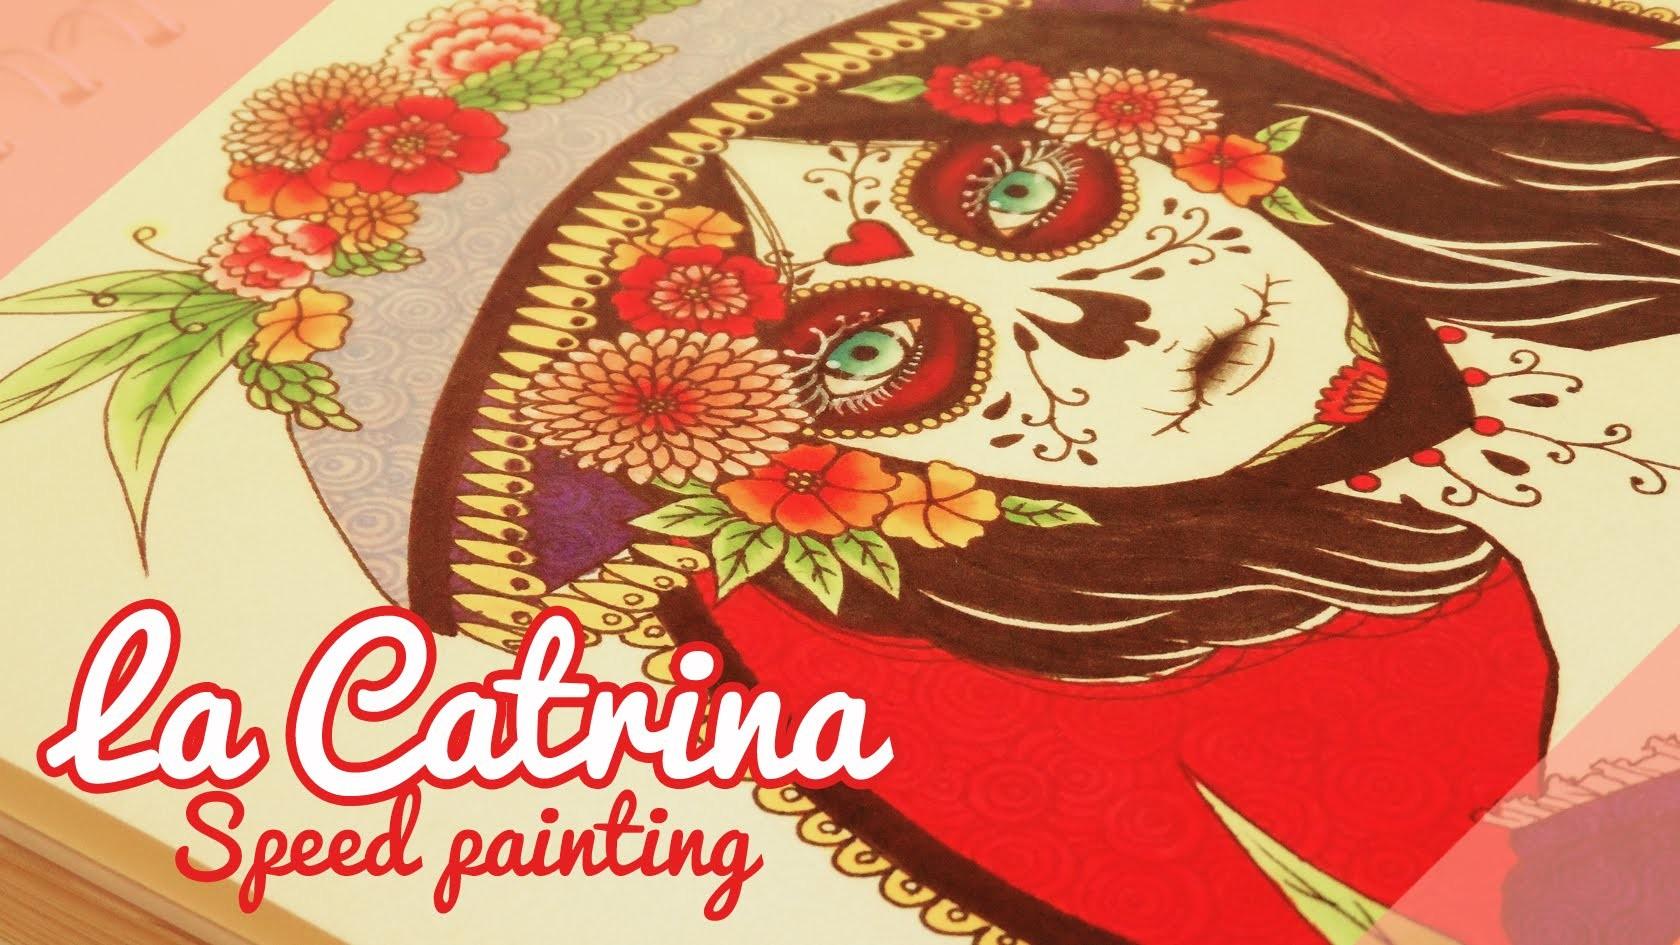 ♡ La Catrina ♡. Speed painting. Painting process By Piyoasdf